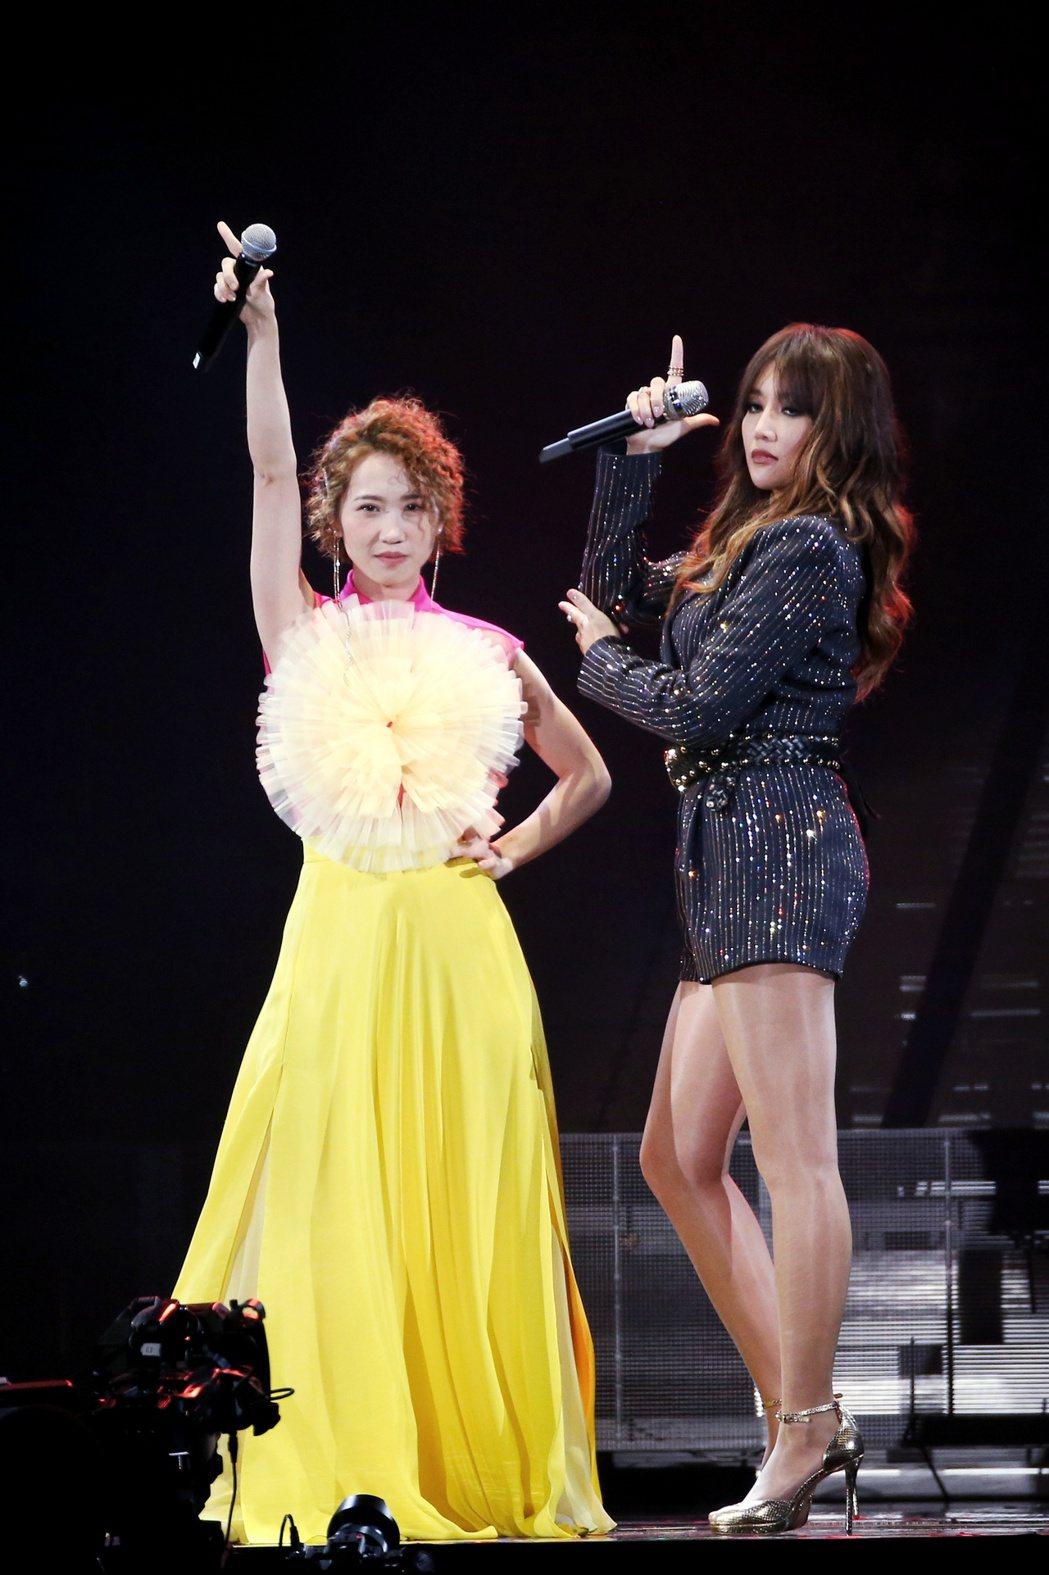 歌手A-Lin(右)旅。課巡迴演唱會於小巨蛋開唱,歌手LuLu(左)也登台一同演